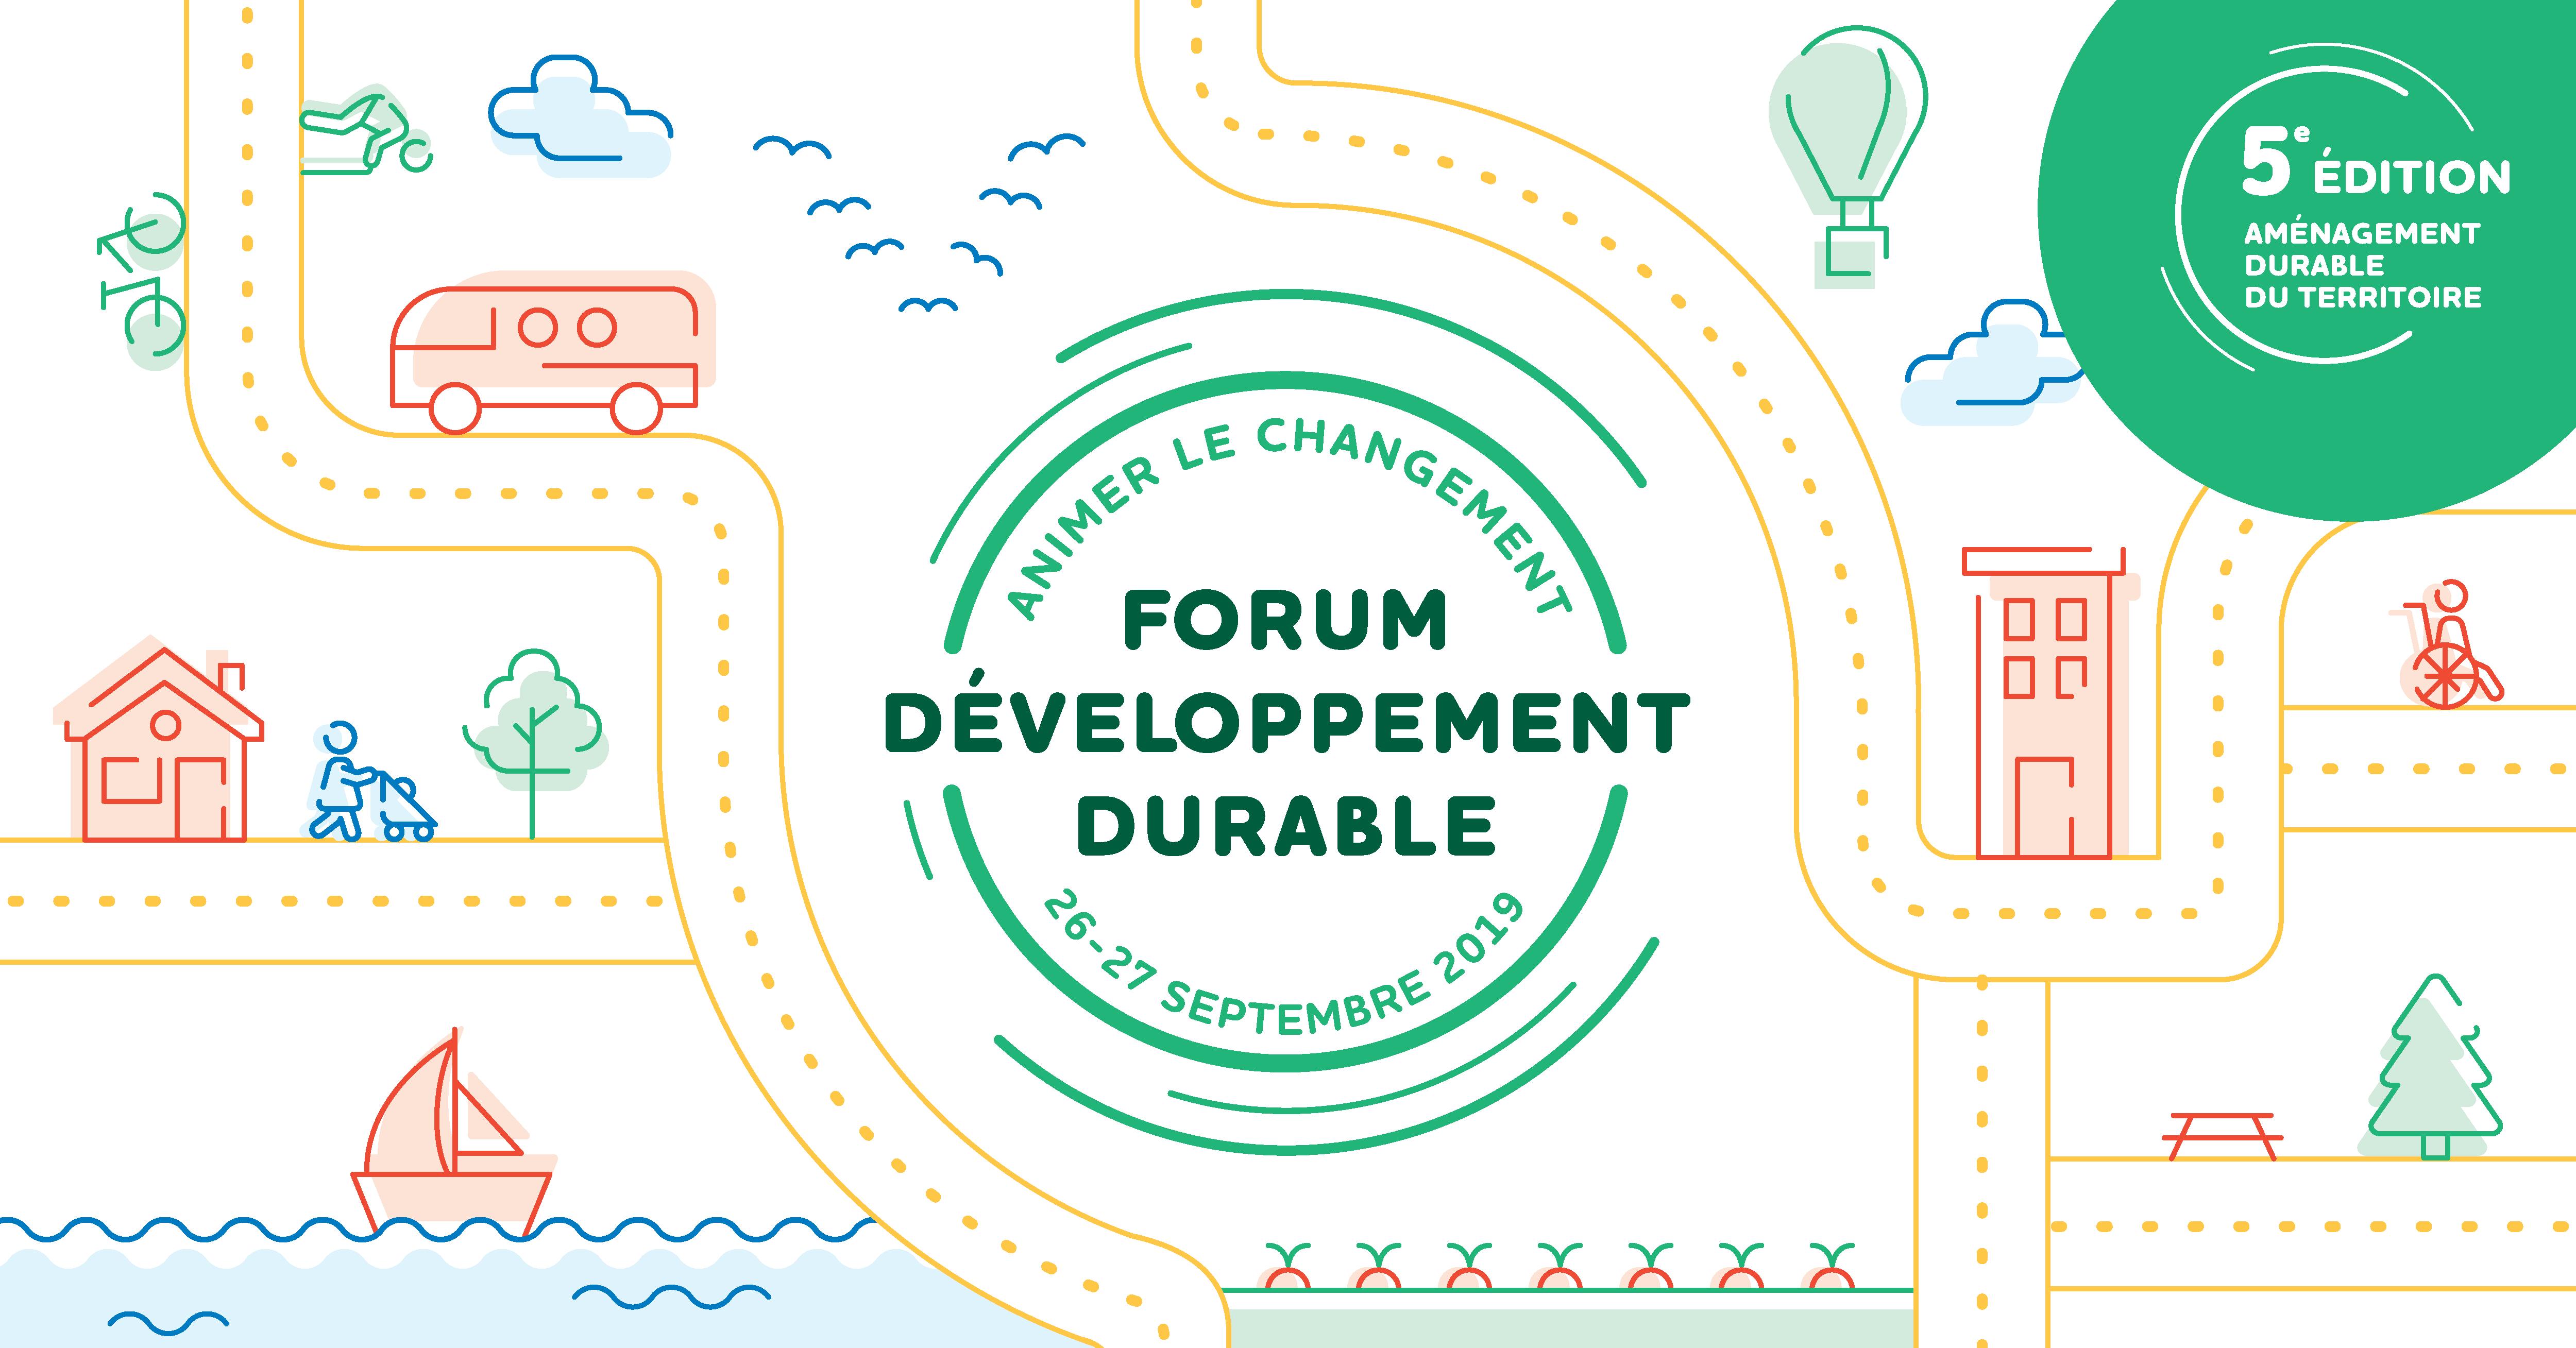 Victoriaville accueillera villes et professionnels lors du 5e Forum Développement Durable